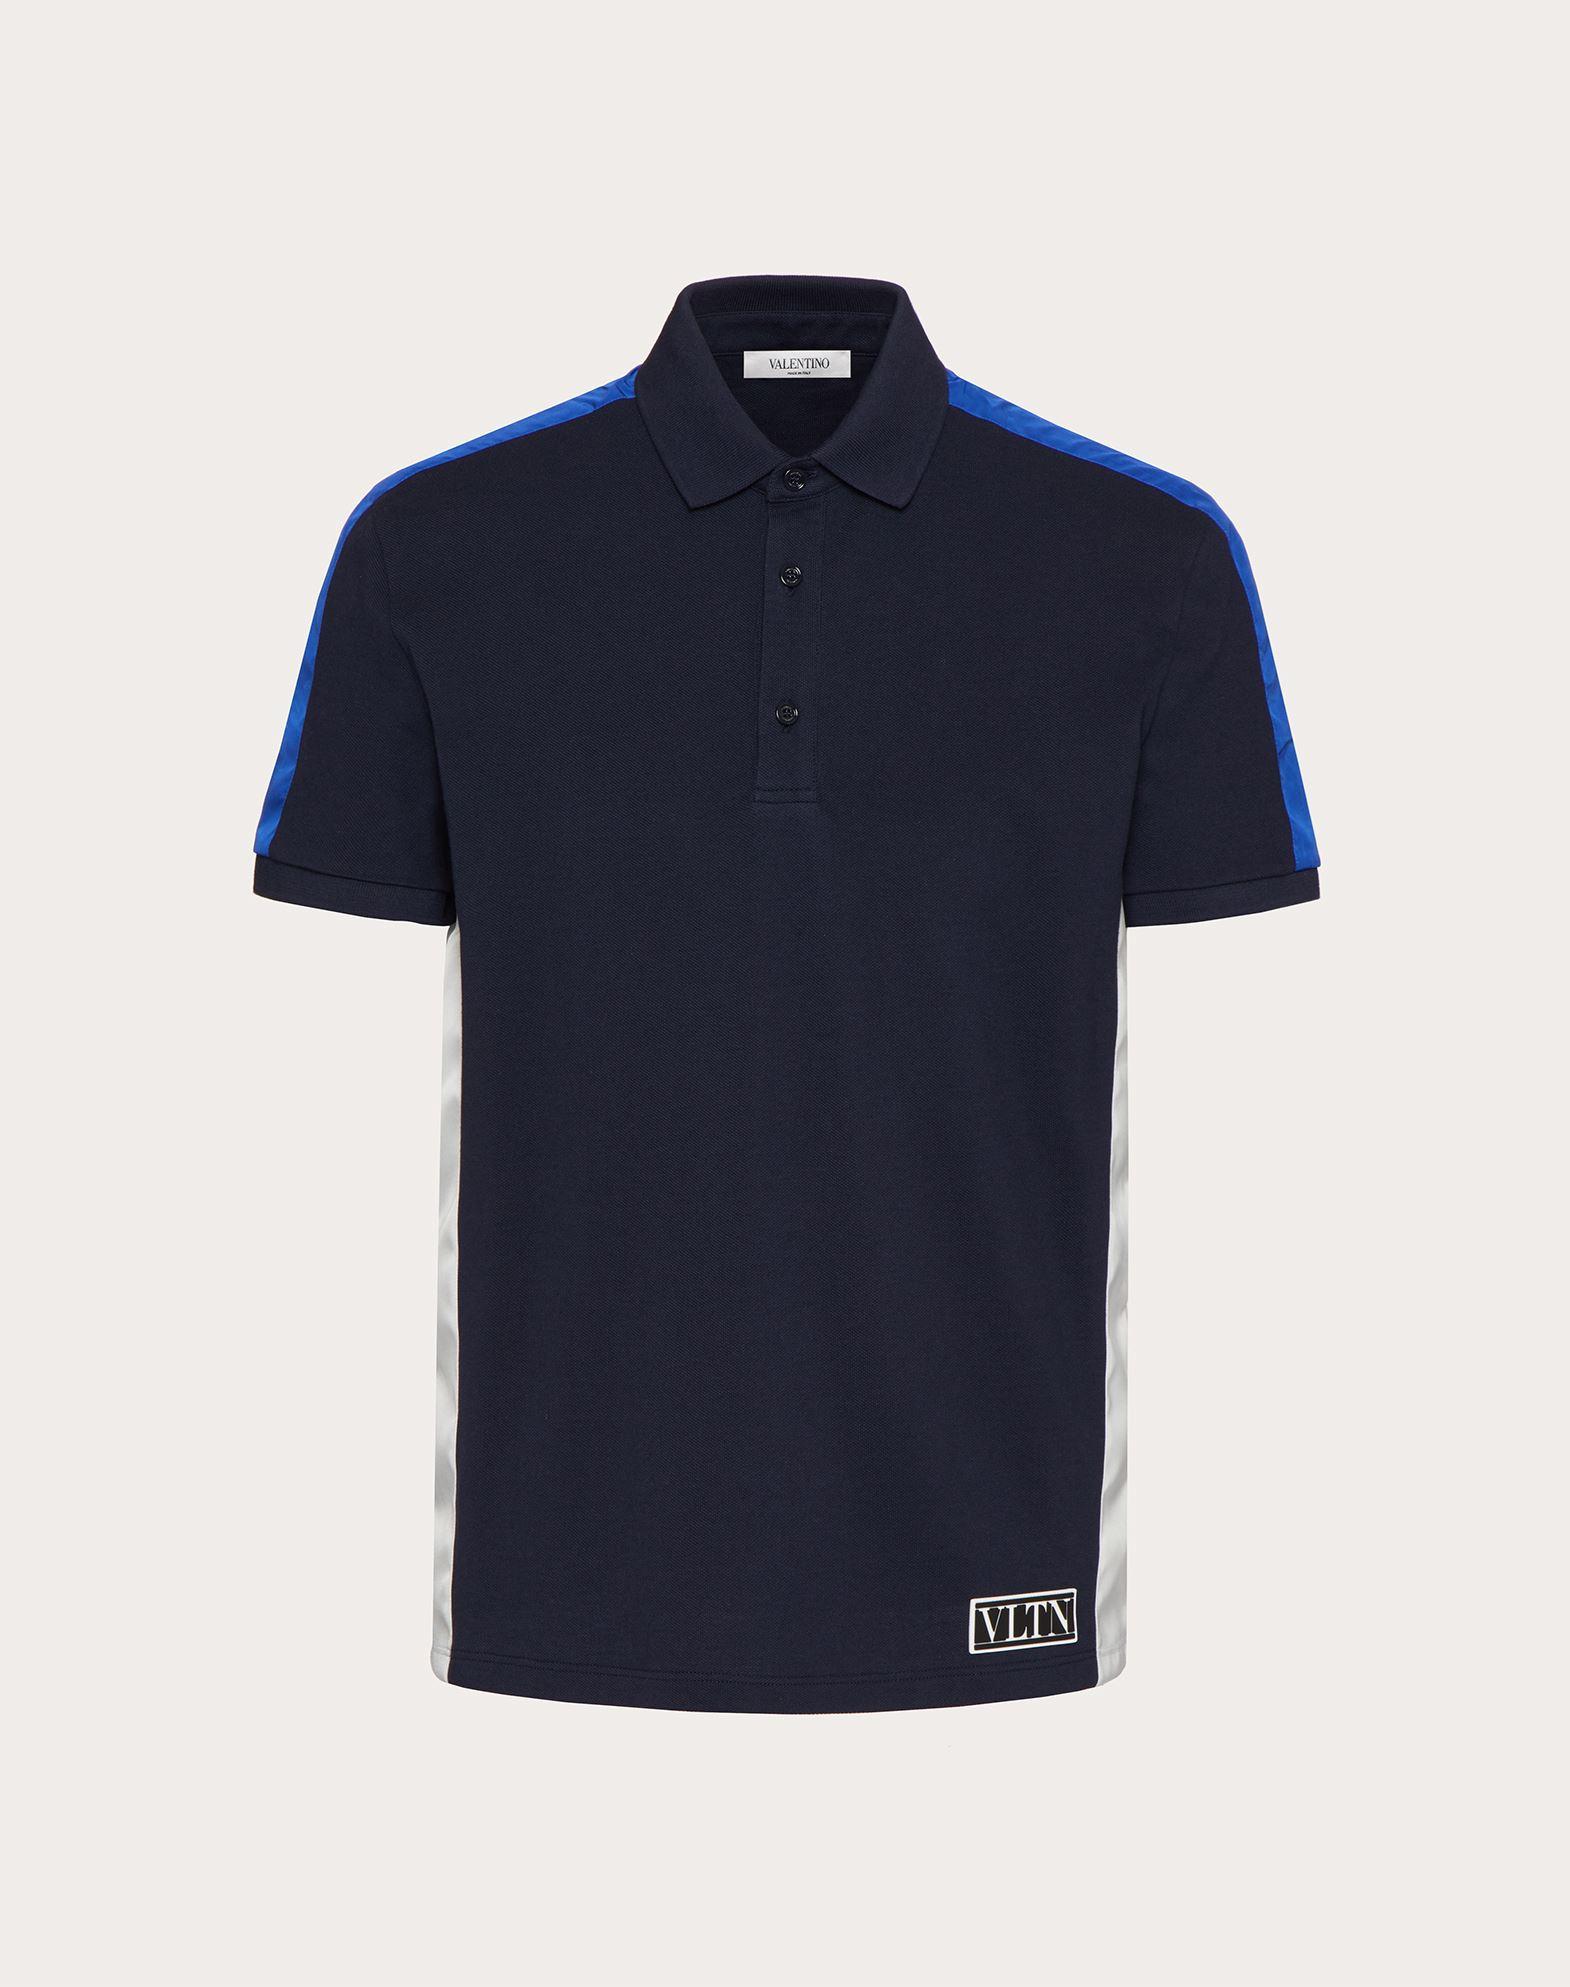 Valentino Uomo Poloshirt Aus Baumwolle Mit Vltn Tag In Color-blocking Herren Marineblau/blau Baumwol In Blue